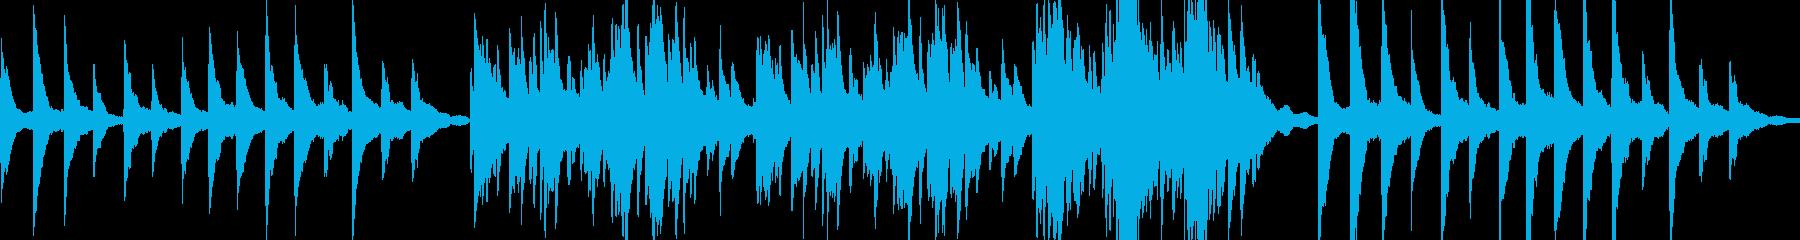 ゆったりと静かなピアノソロ の再生済みの波形